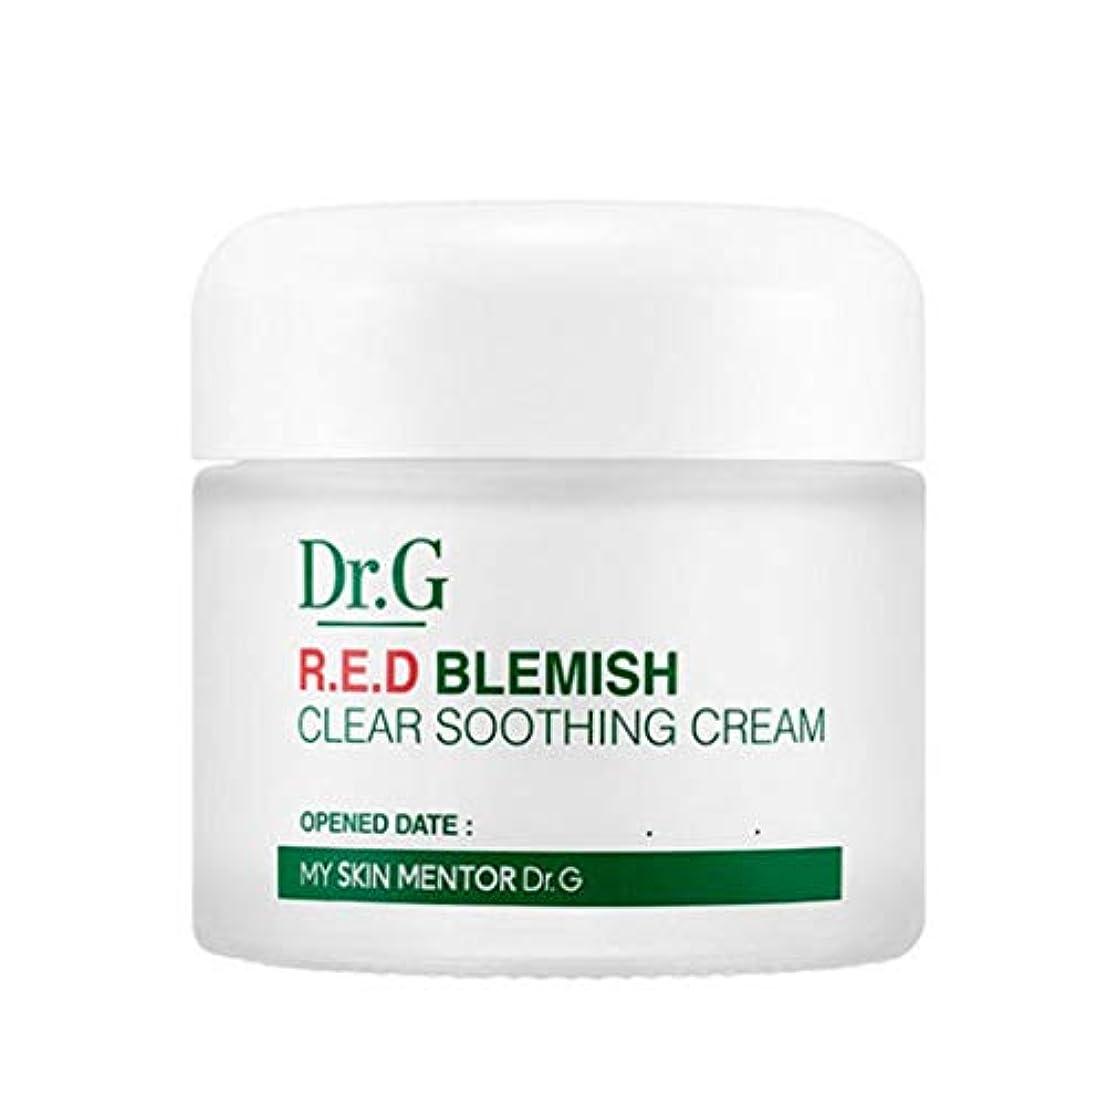 ポータルアシュリータファーマン続けるドクターGレッドブレミッシュクリアスージングクリーム70ml水分クリーム、Dr.G Red Blemish Clear Soothing Cream 70ml Moisturizing Cream [並行輸入品]